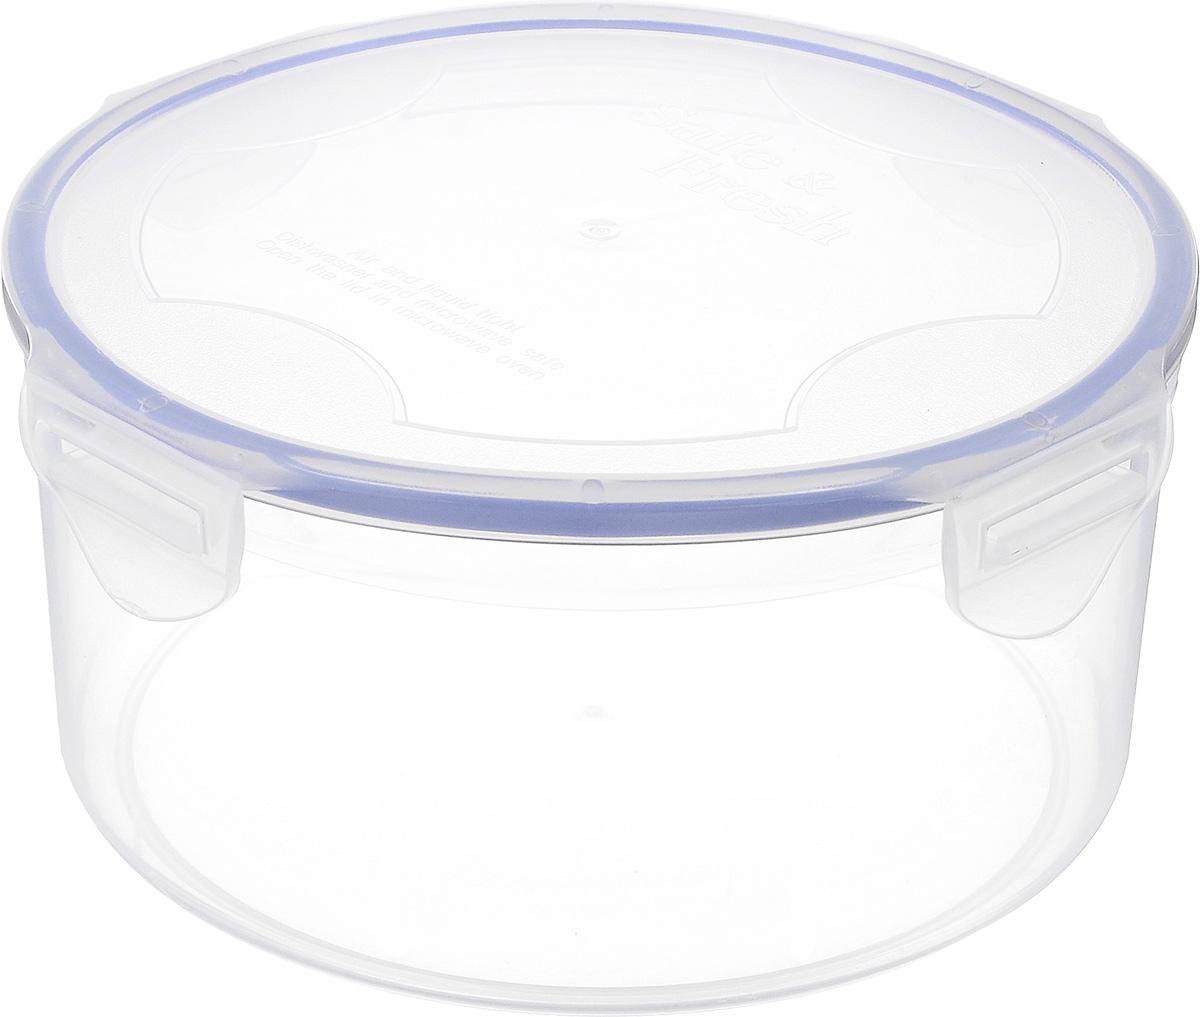 Контейнер пищевой Tek-a-Tek, 500 мл2-1Пищевой контейнер Tek-a-Tek выполнен из высококачественного пластика. Изделие оснащено четырехсторонними петлями-замками и силиконовой прокладкой на внутренней стороне крышки. Это позволяет воде и воздуху не попадать внутрь, сохраняется герметичность.Изделие абсолютно нетоксично при любом температурном режиме.Можно использовать в посудомоечной машине, а так же в микроволновой печи (без крышки), замораживать до -20°С и размораживать различные продукты без потери вкусовых качеств.